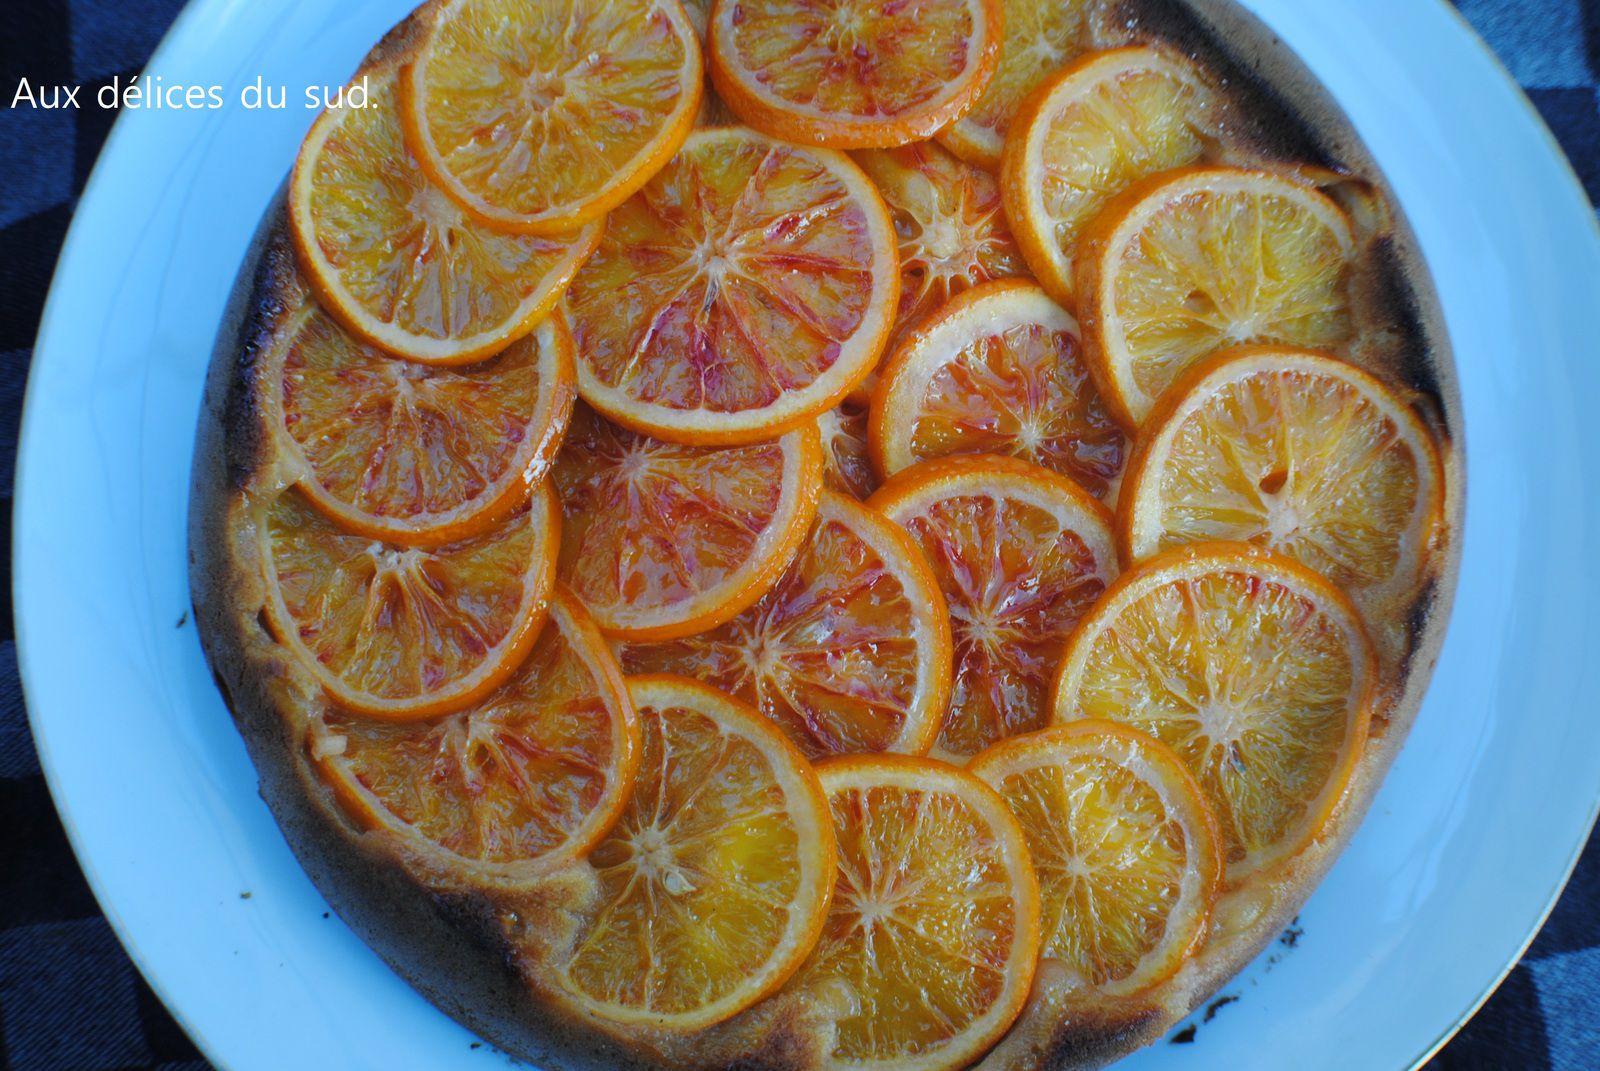 Gâteau renversé aux oranges sanguines .